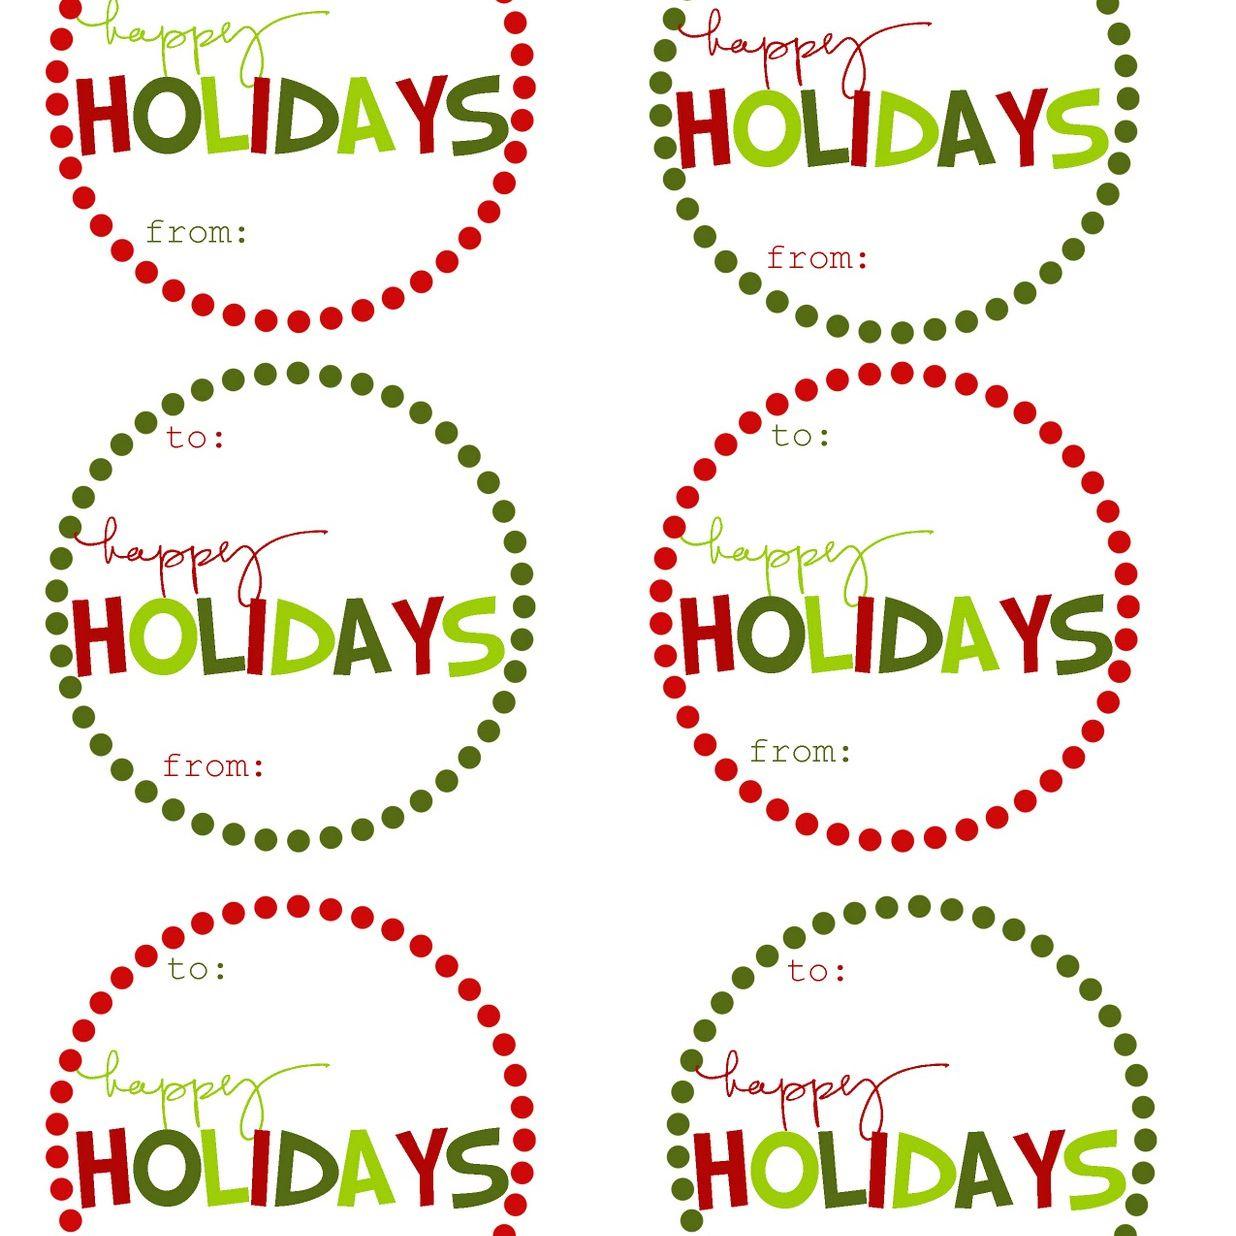 40 Sets Of Free Printable Christmas Gift Tags - Free Printable Christmas Pictures